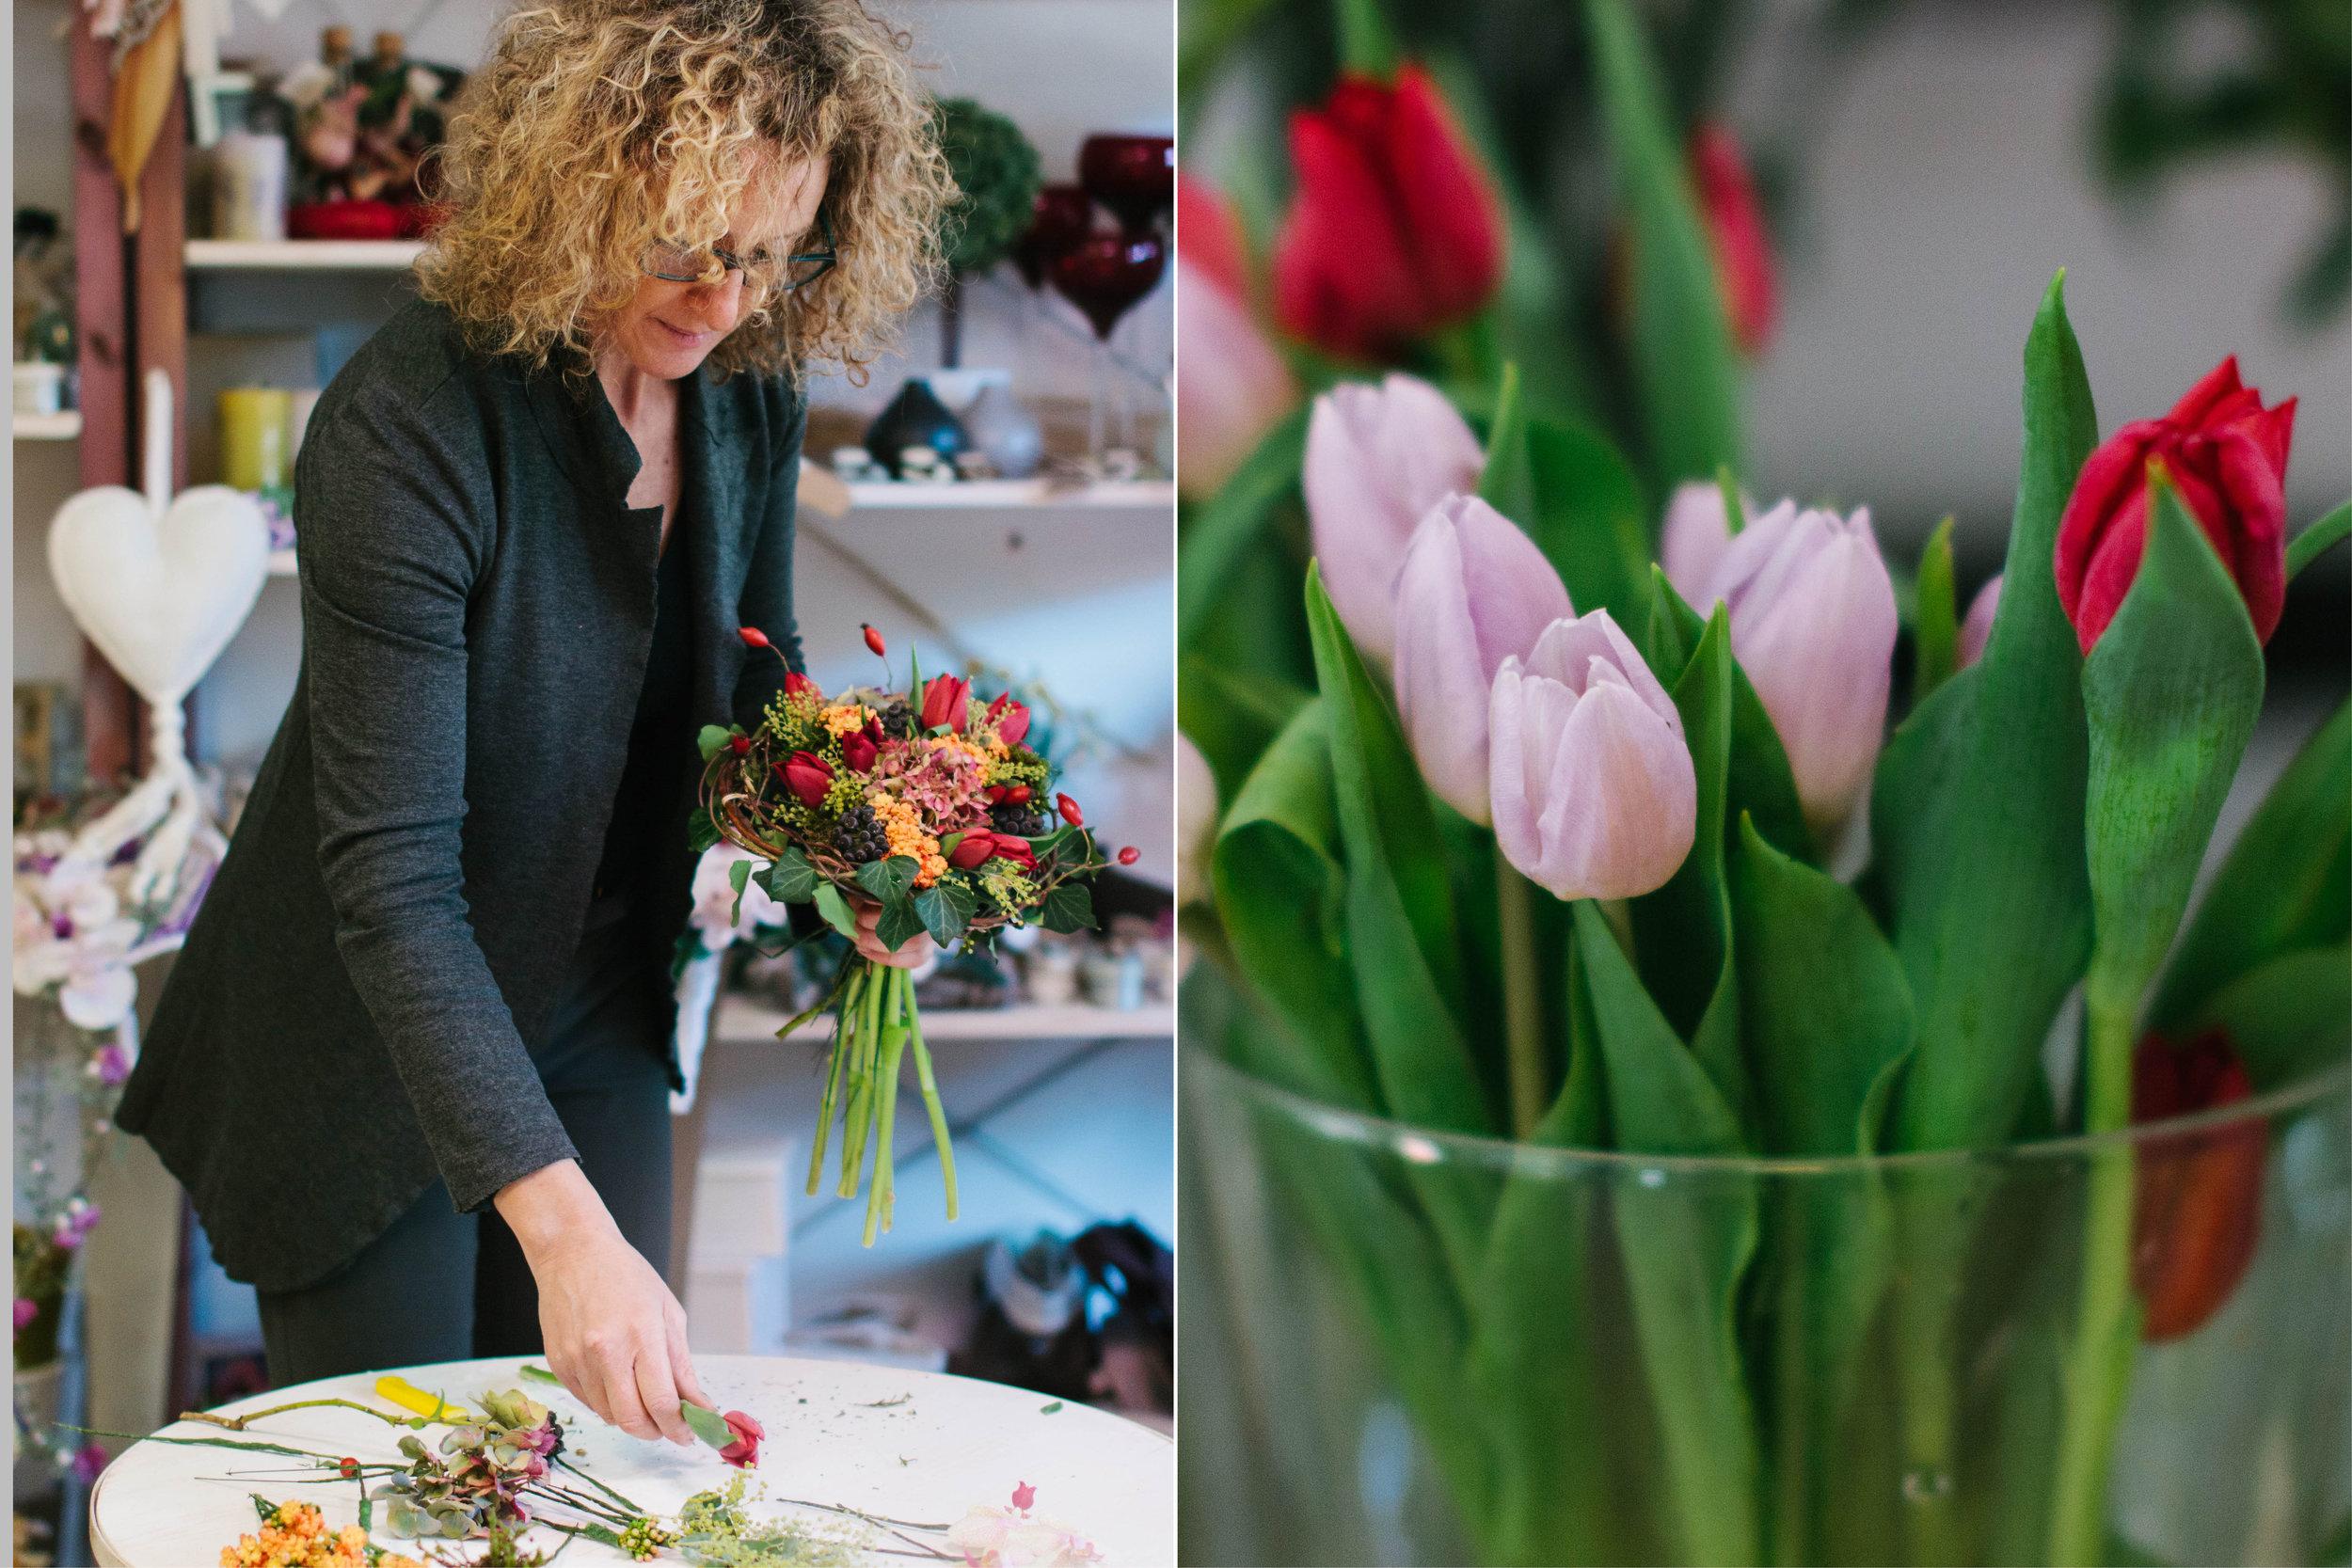 bouquet collage3.jpg